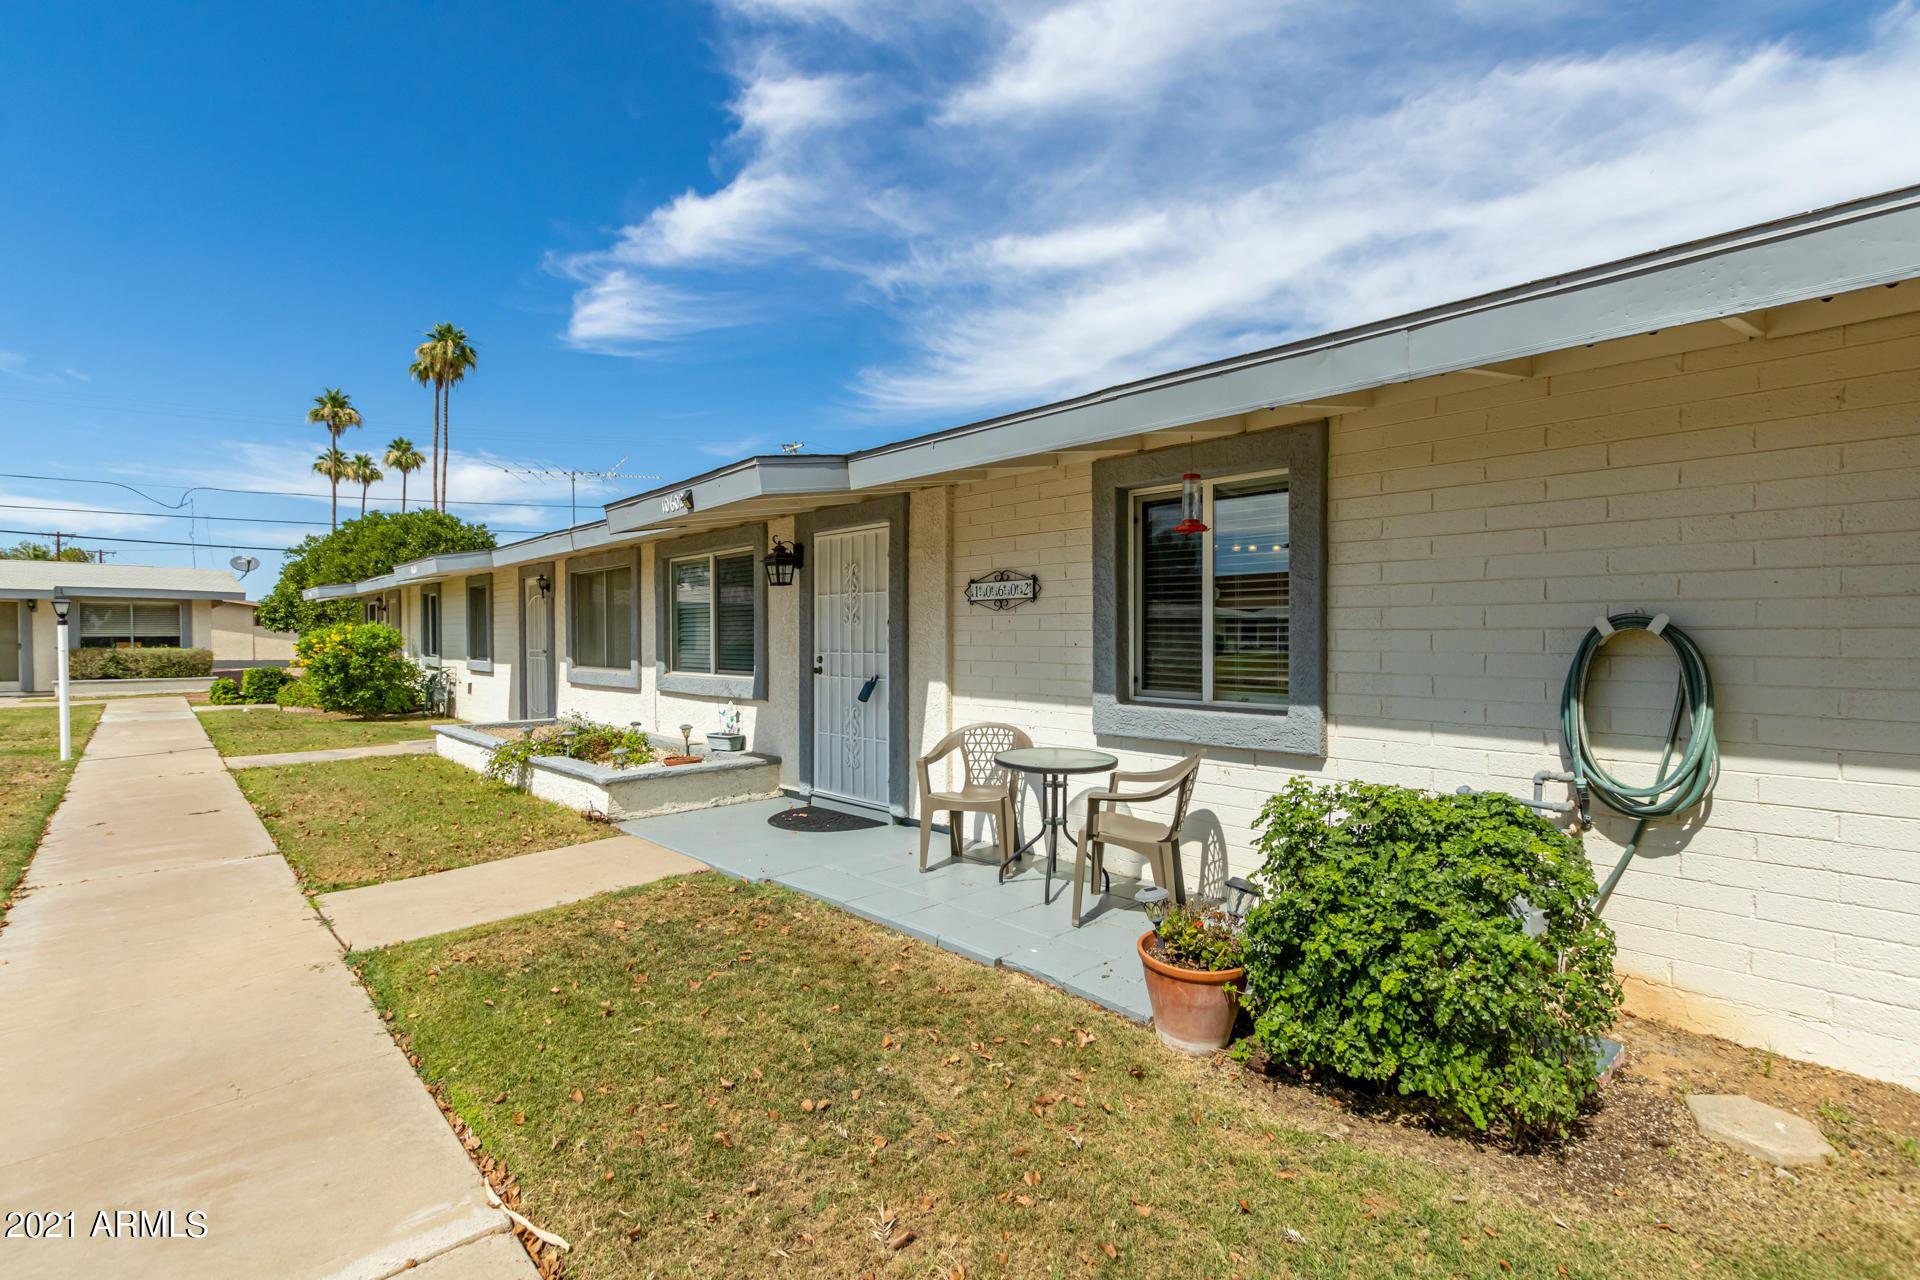 Photo of 10602 W OAKMONT Drive, Sun City, AZ 85351 (MLS # 6250141)